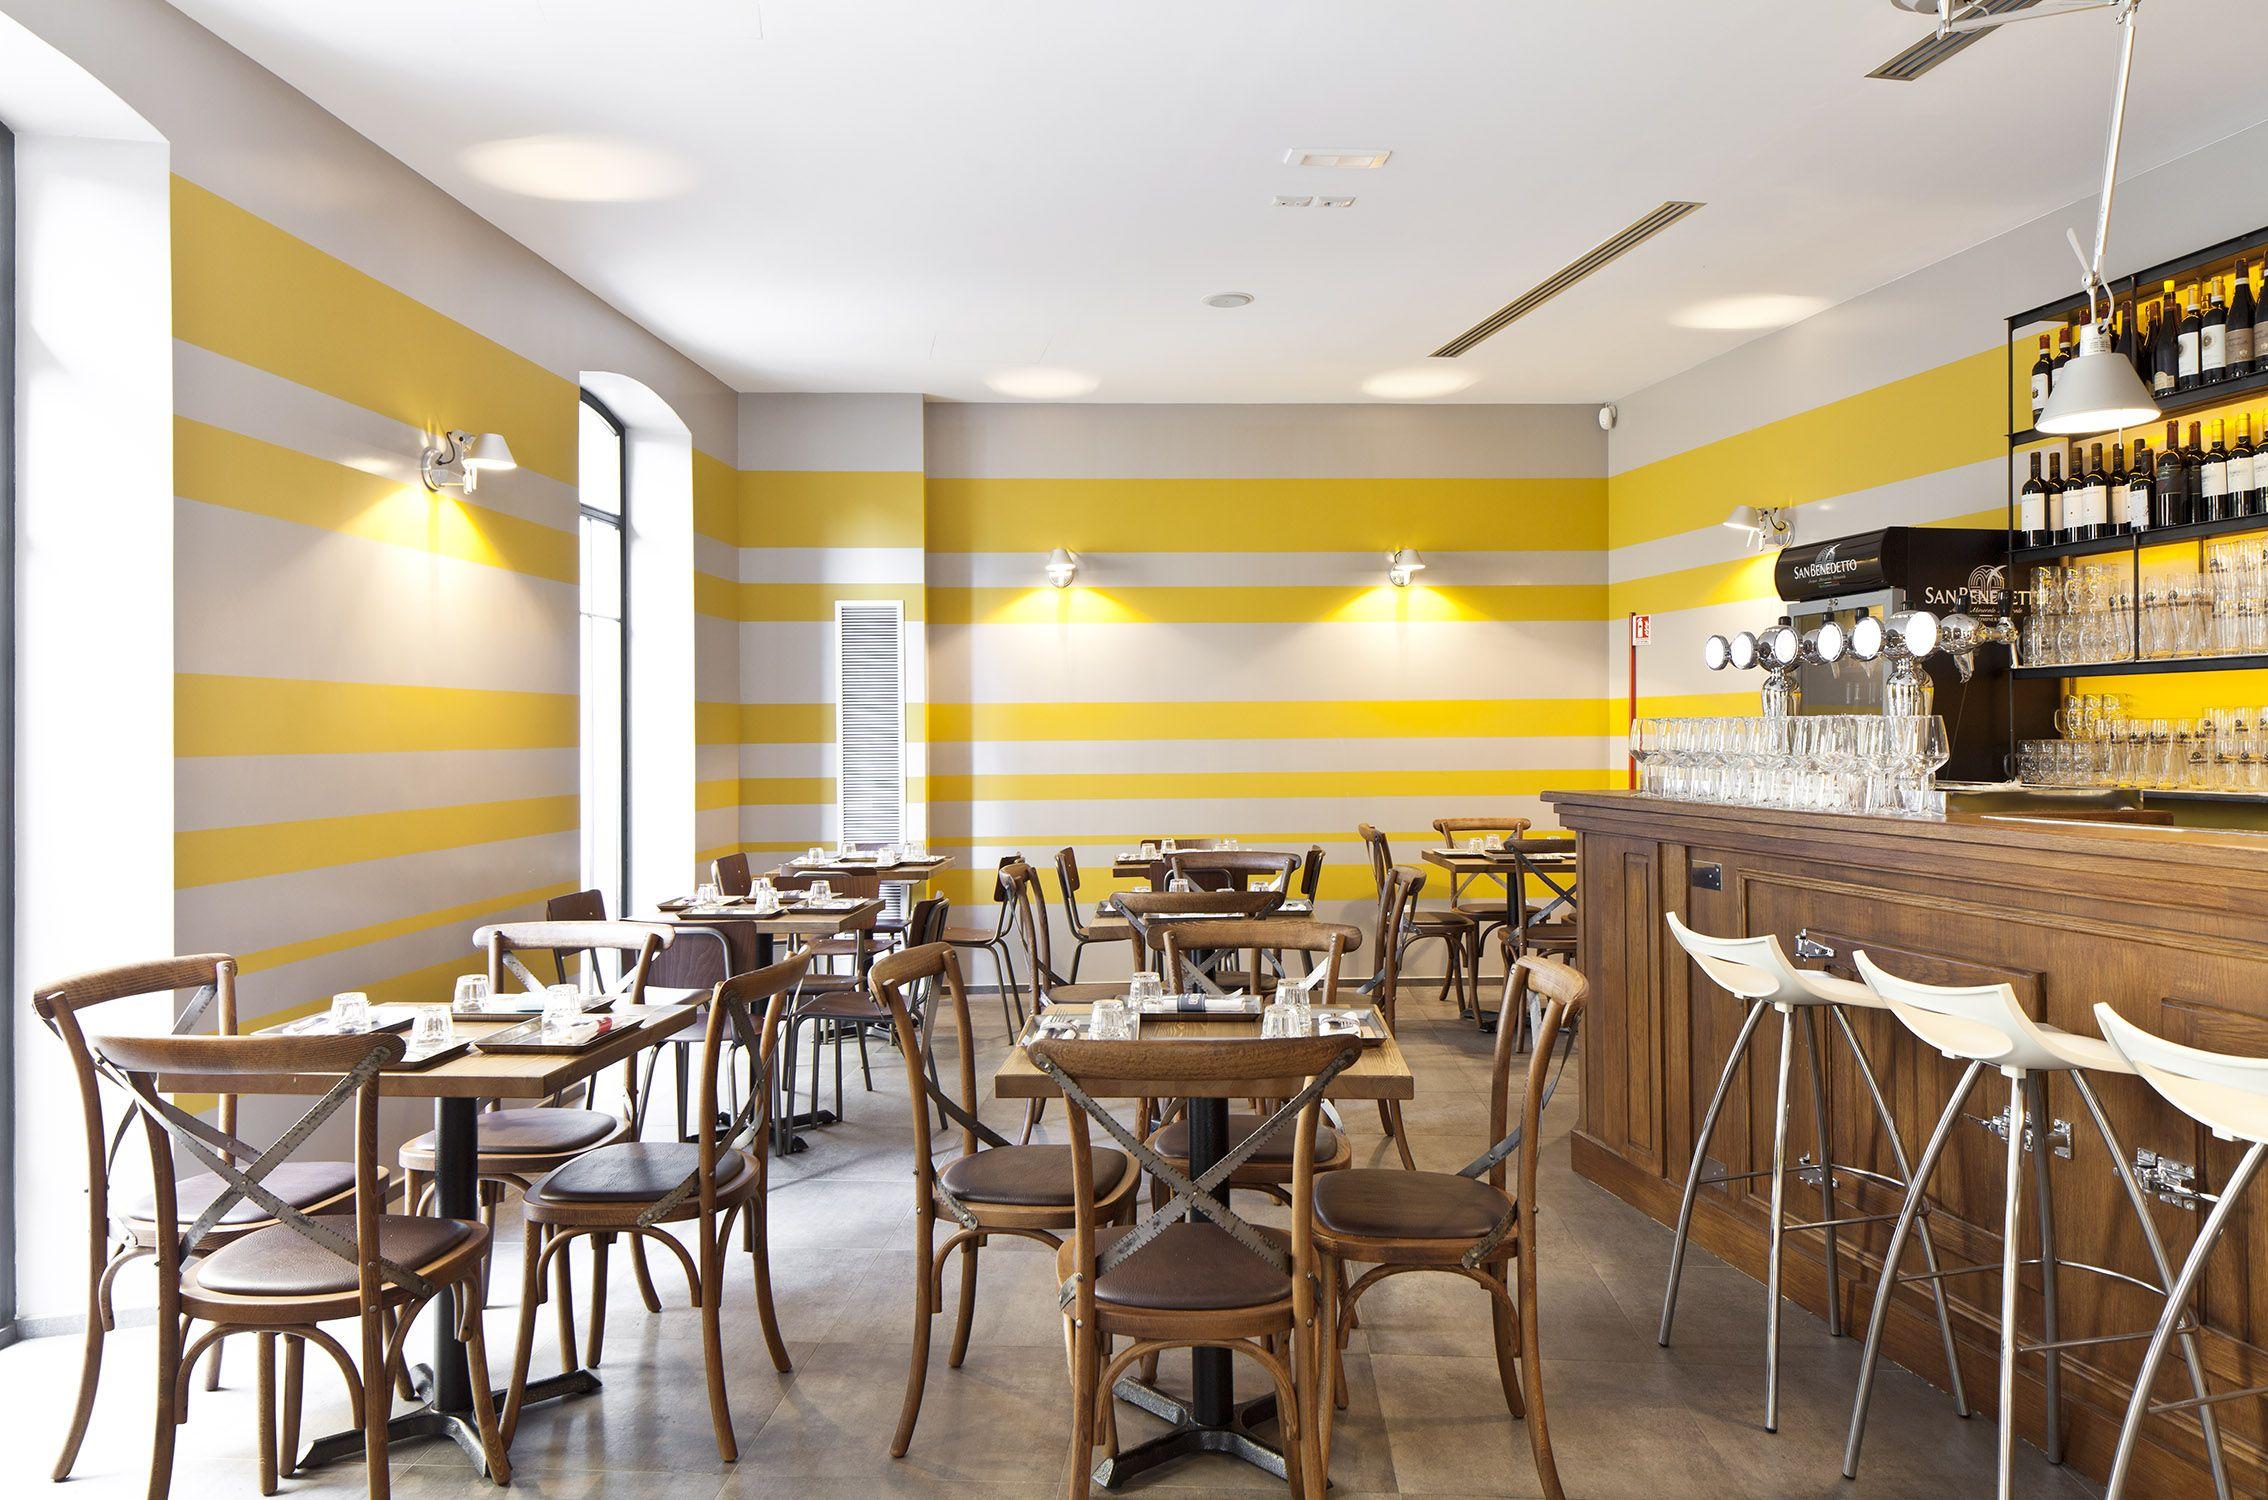 """<h3>La sala ristorante_strisce smaltate color grigio e giallo ocra e lampade a parete """"Tolomeo""""</h3>"""